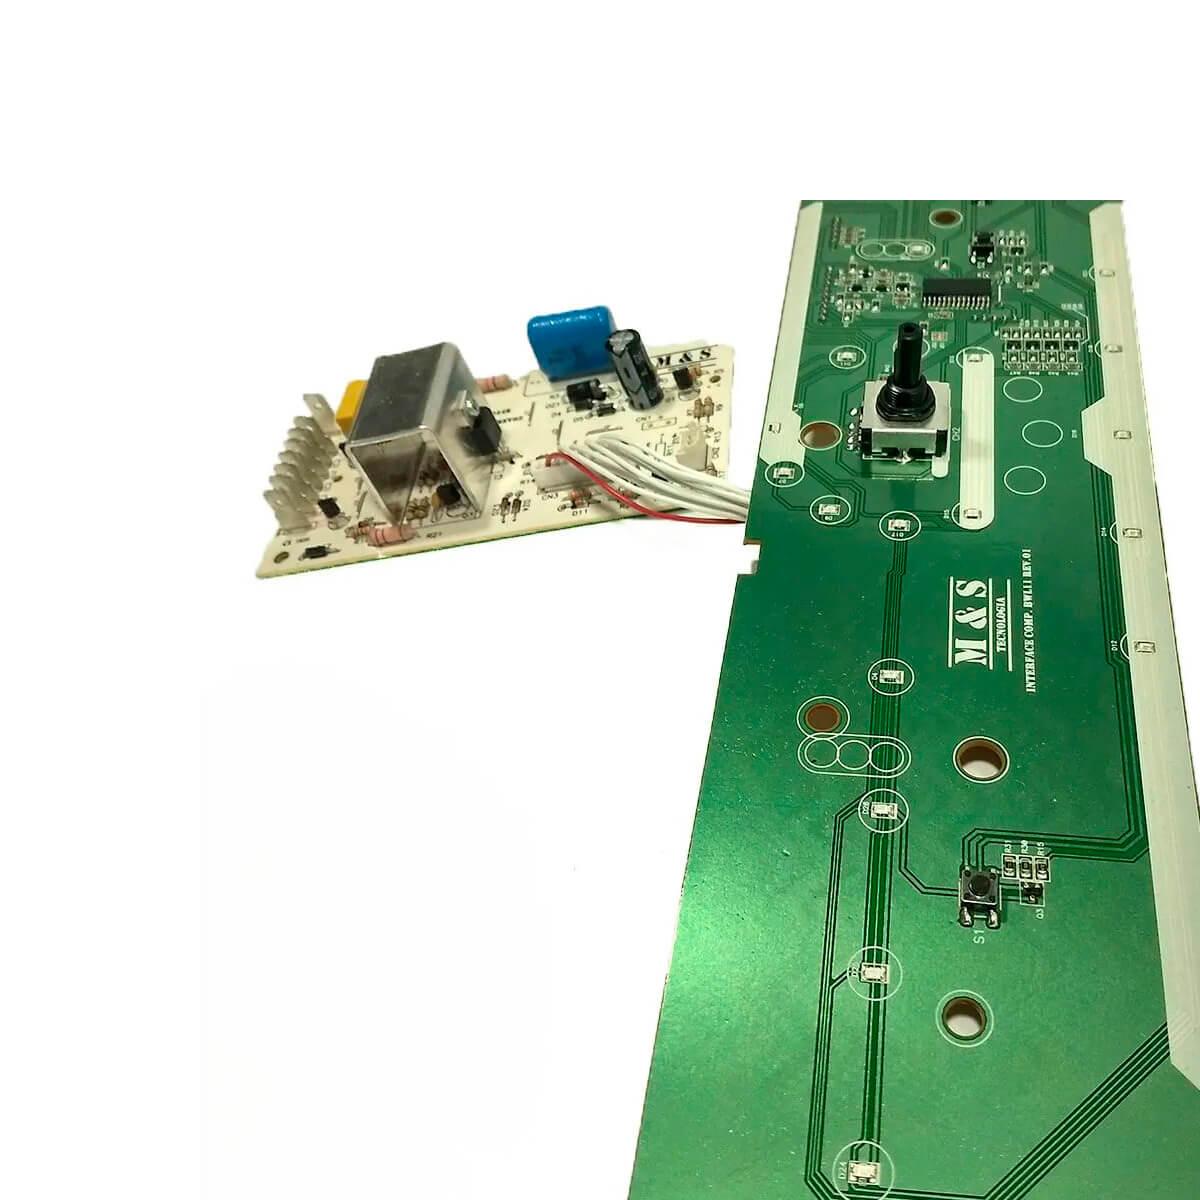 Conjunto Inteligente Interface + Potência BWL11 M&S/MS-0123CJ - W10301604 W10356413 32604442